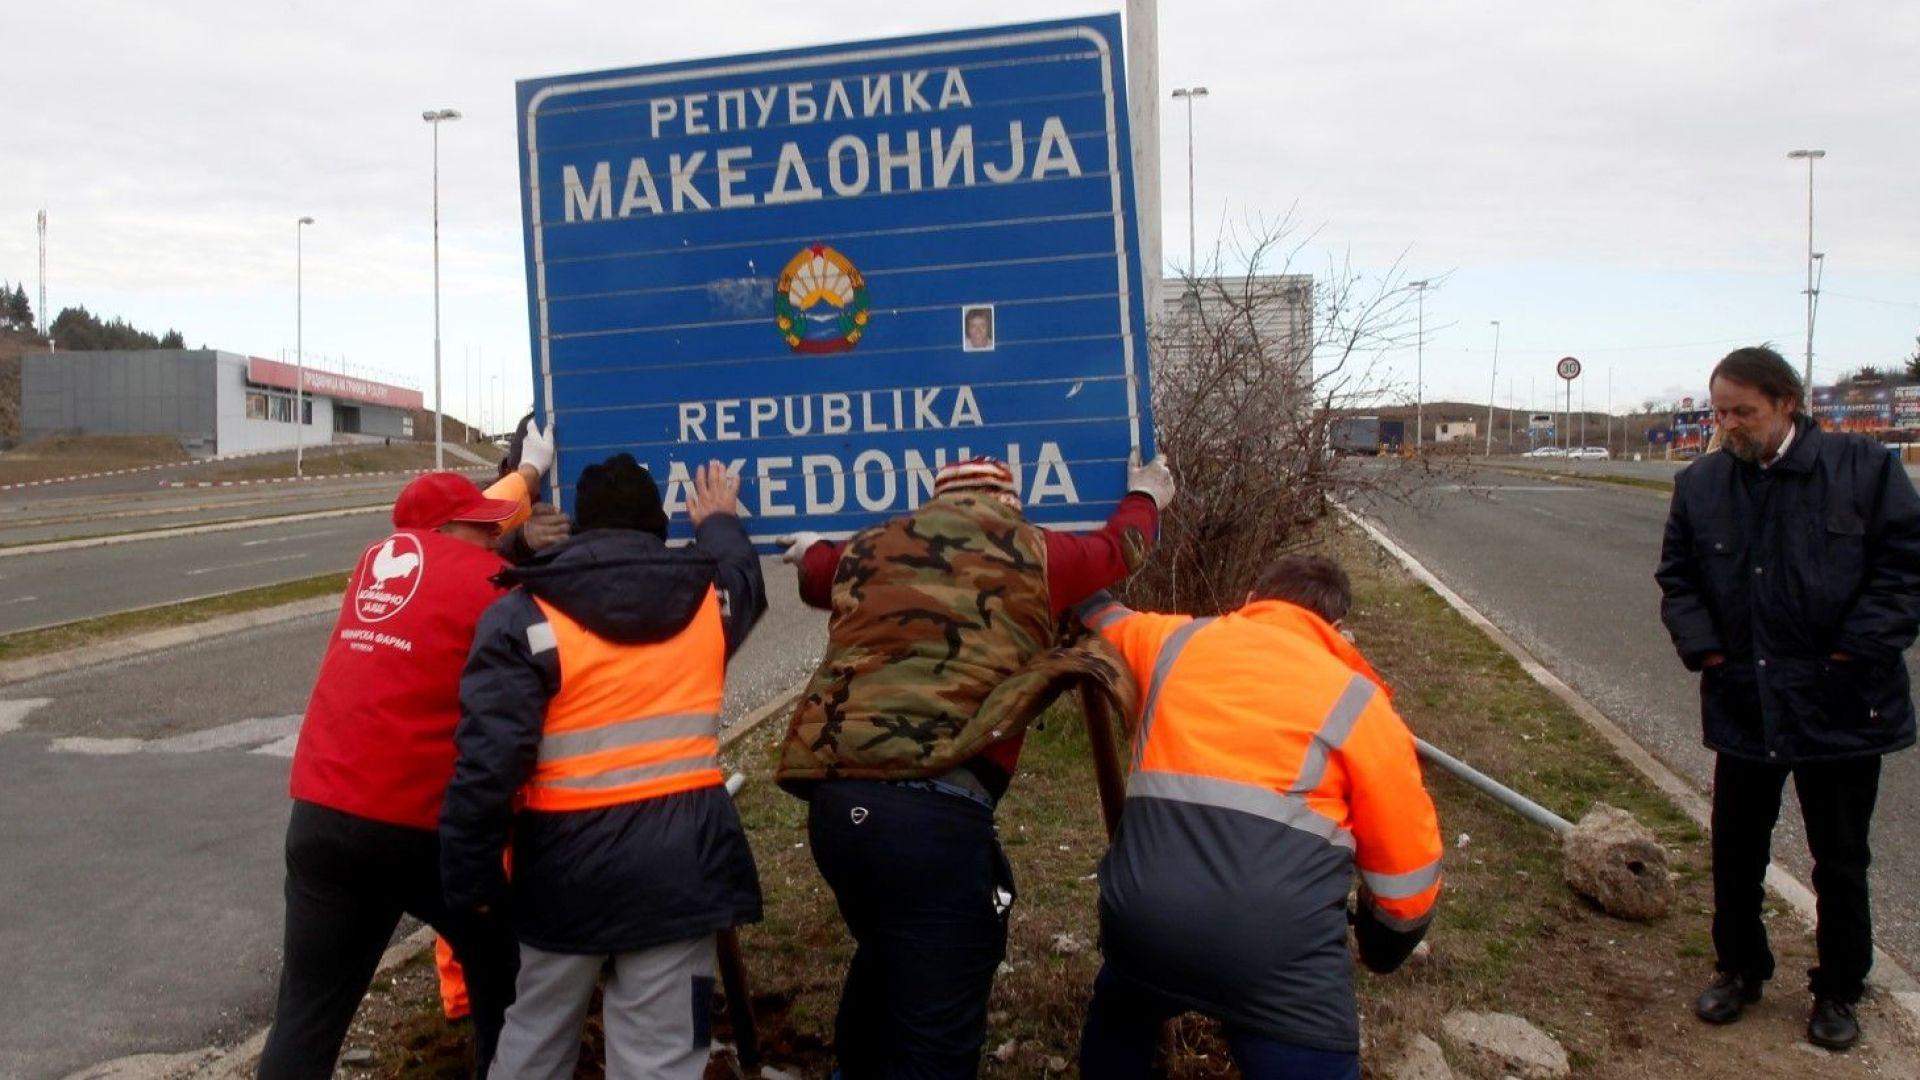 Официално Русия призна новото име на Република Северна Македония. Това